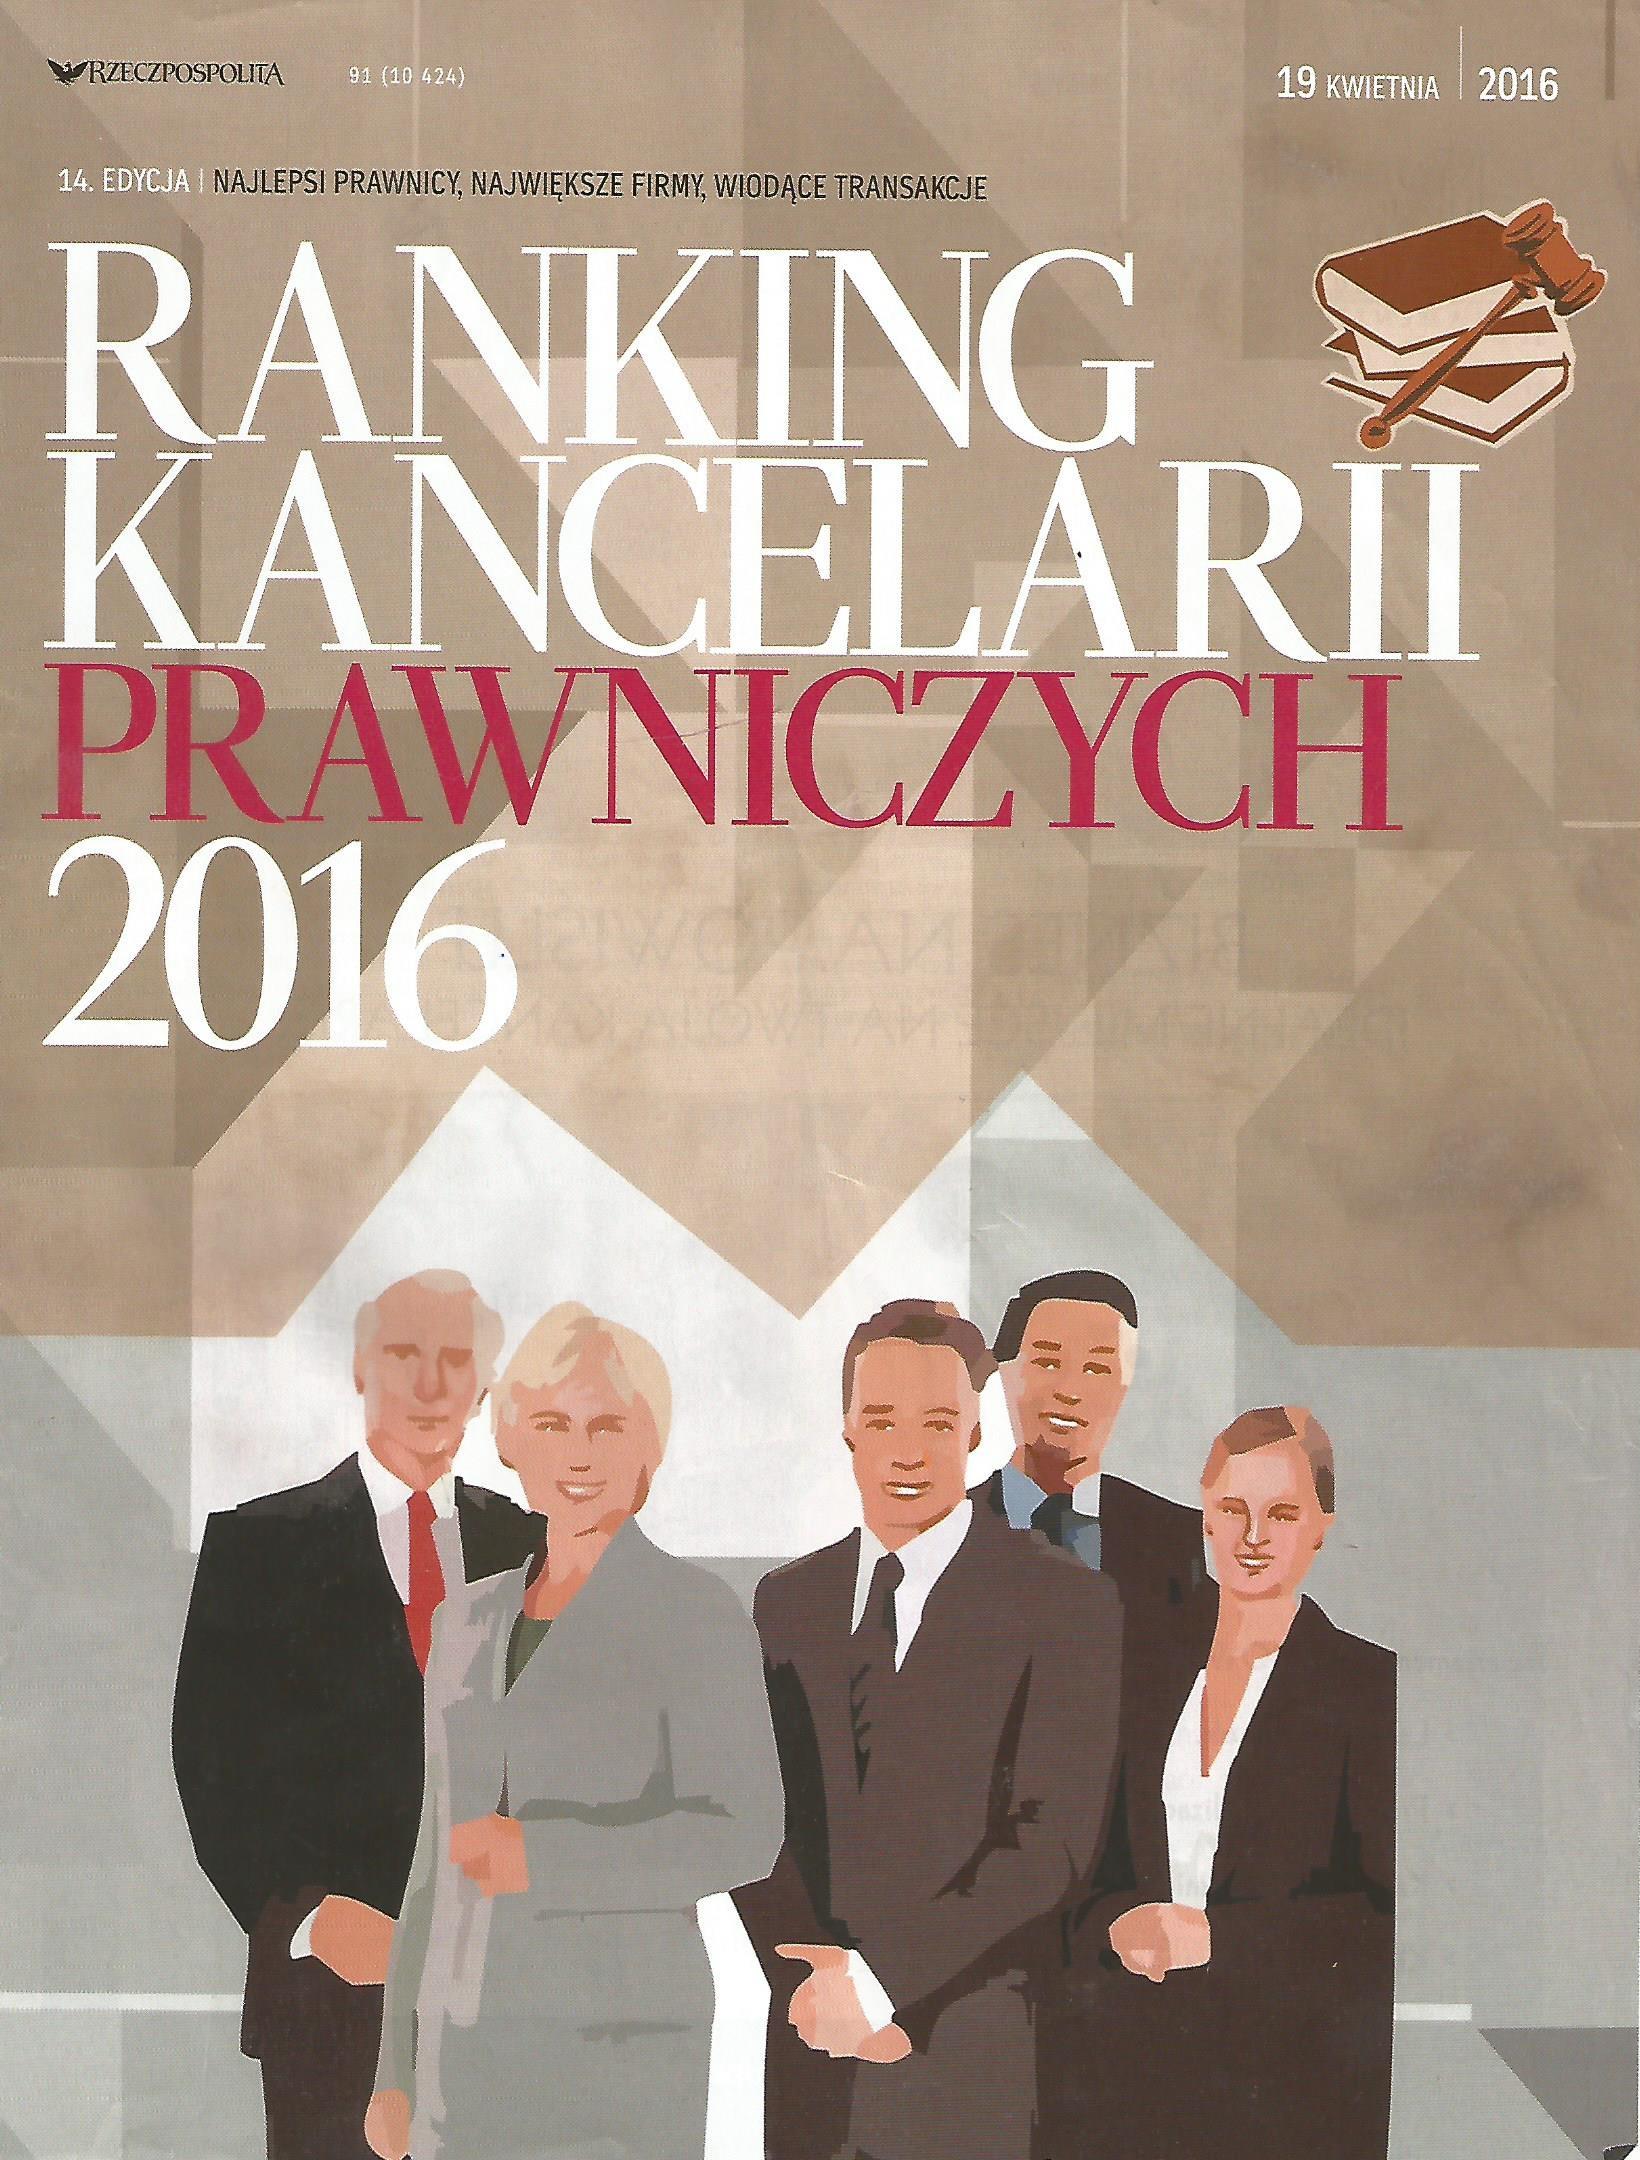 Ranking Kancelarii Prawniczych 2016